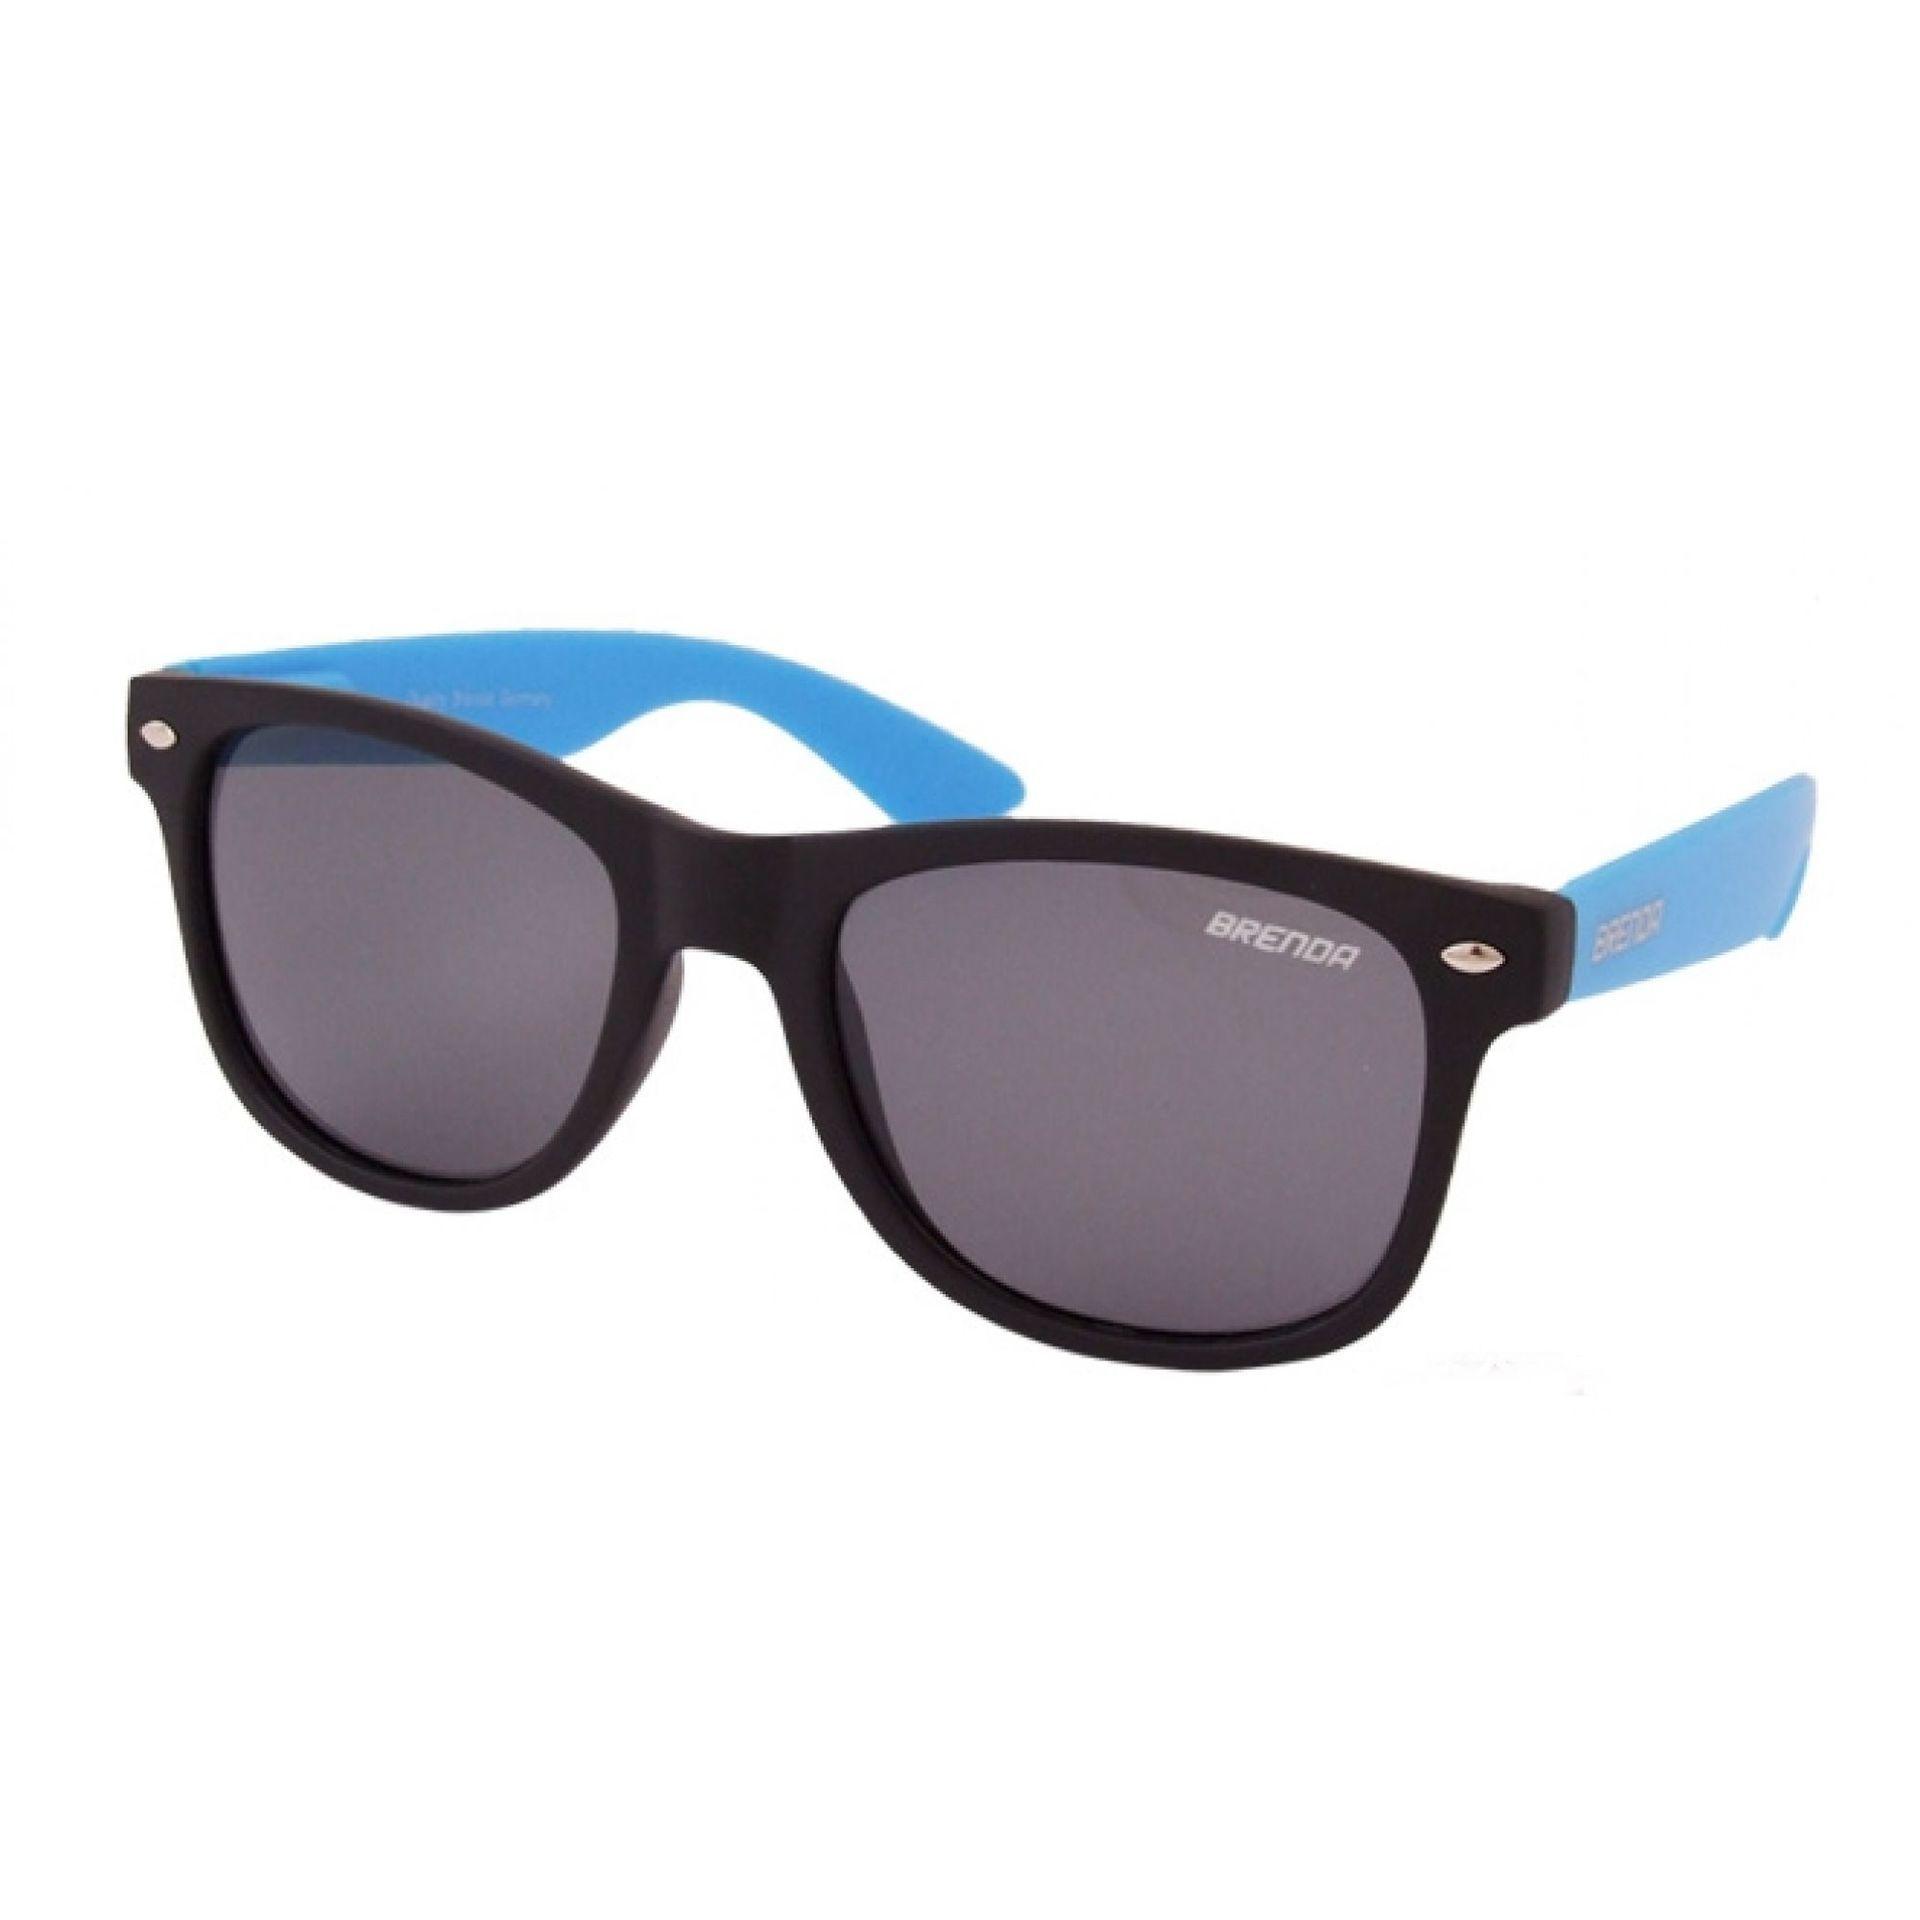 Okulary Brenda P8001-KL06 czarno niebieskie